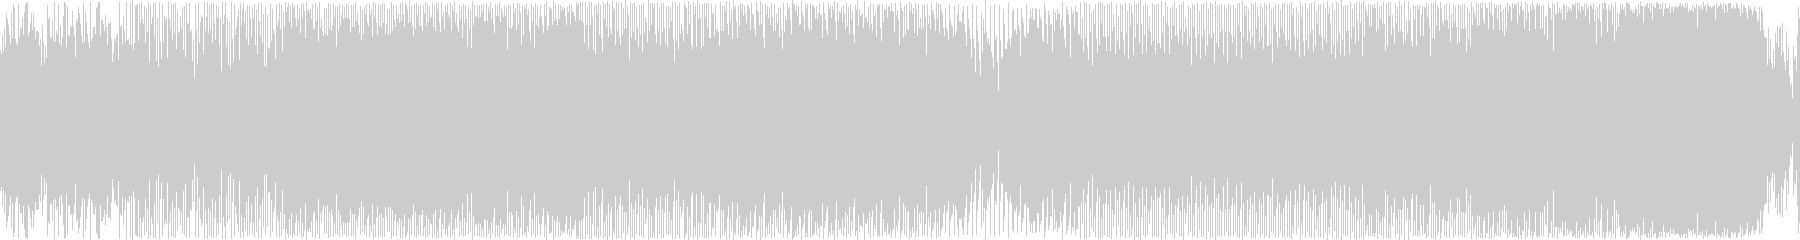 【ループ仕様】神秘的なEDM風BGMの未再生の波形